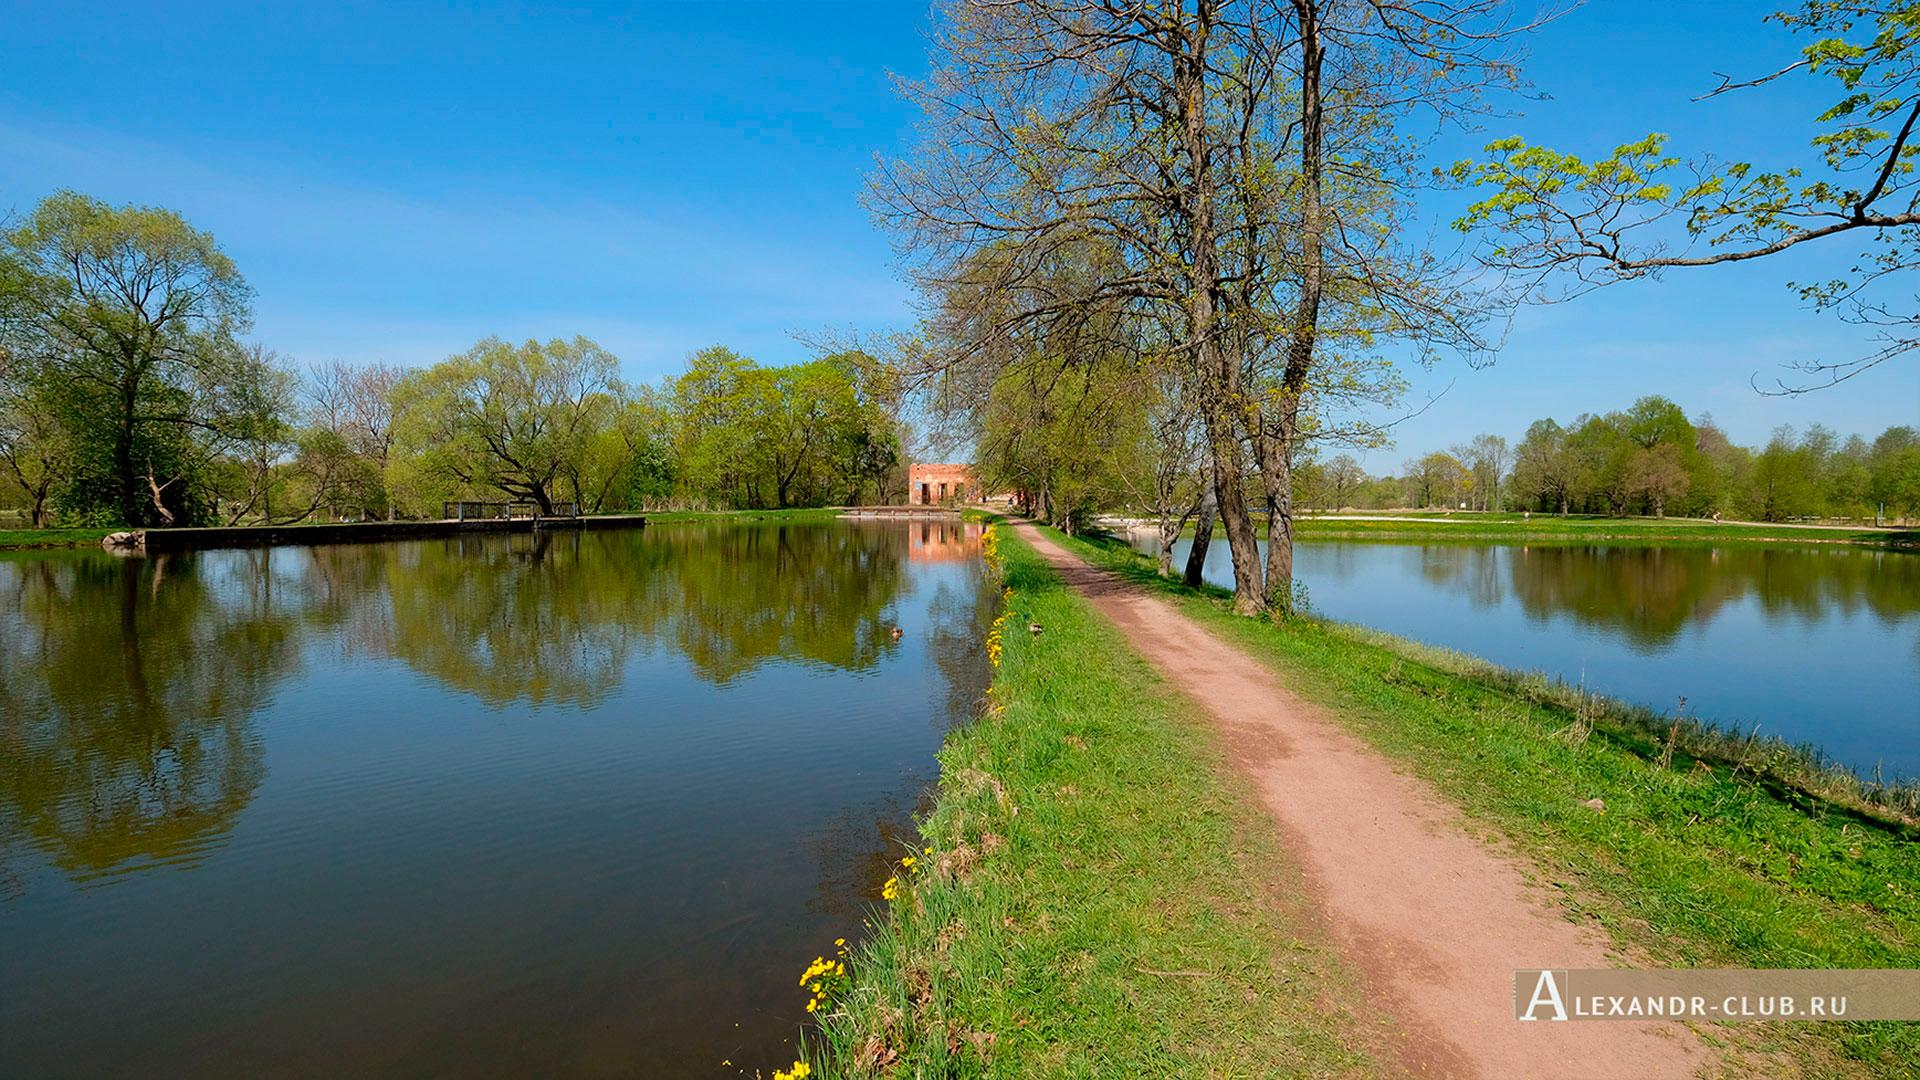 Петергоф, Луговой парк, весна, Старопетергофский канал и Розовый павильон – 1